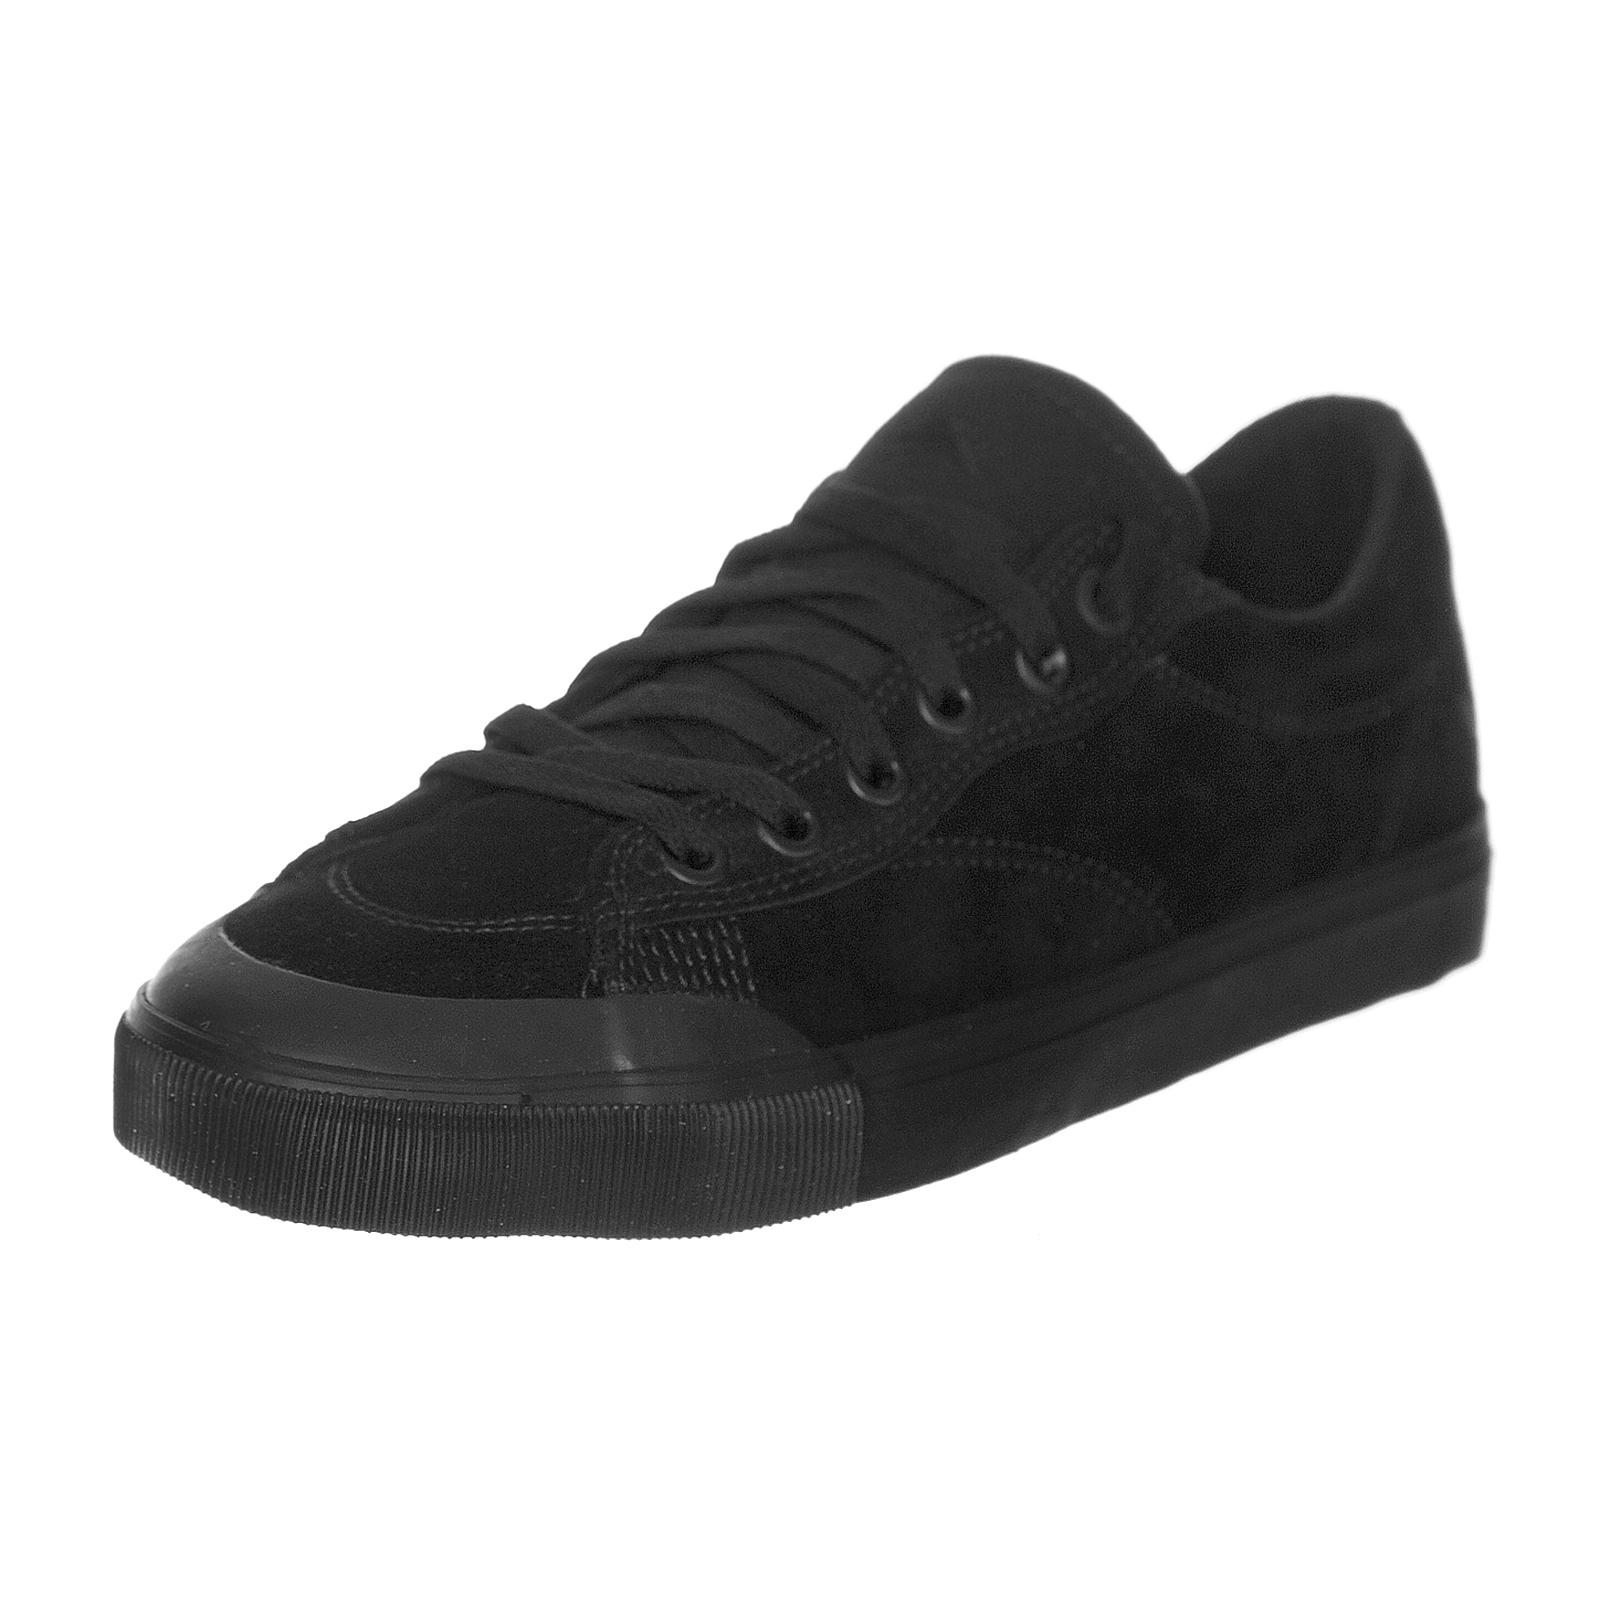 Emerica Zapatillas Indicador Bajo negro negro Goma Negro